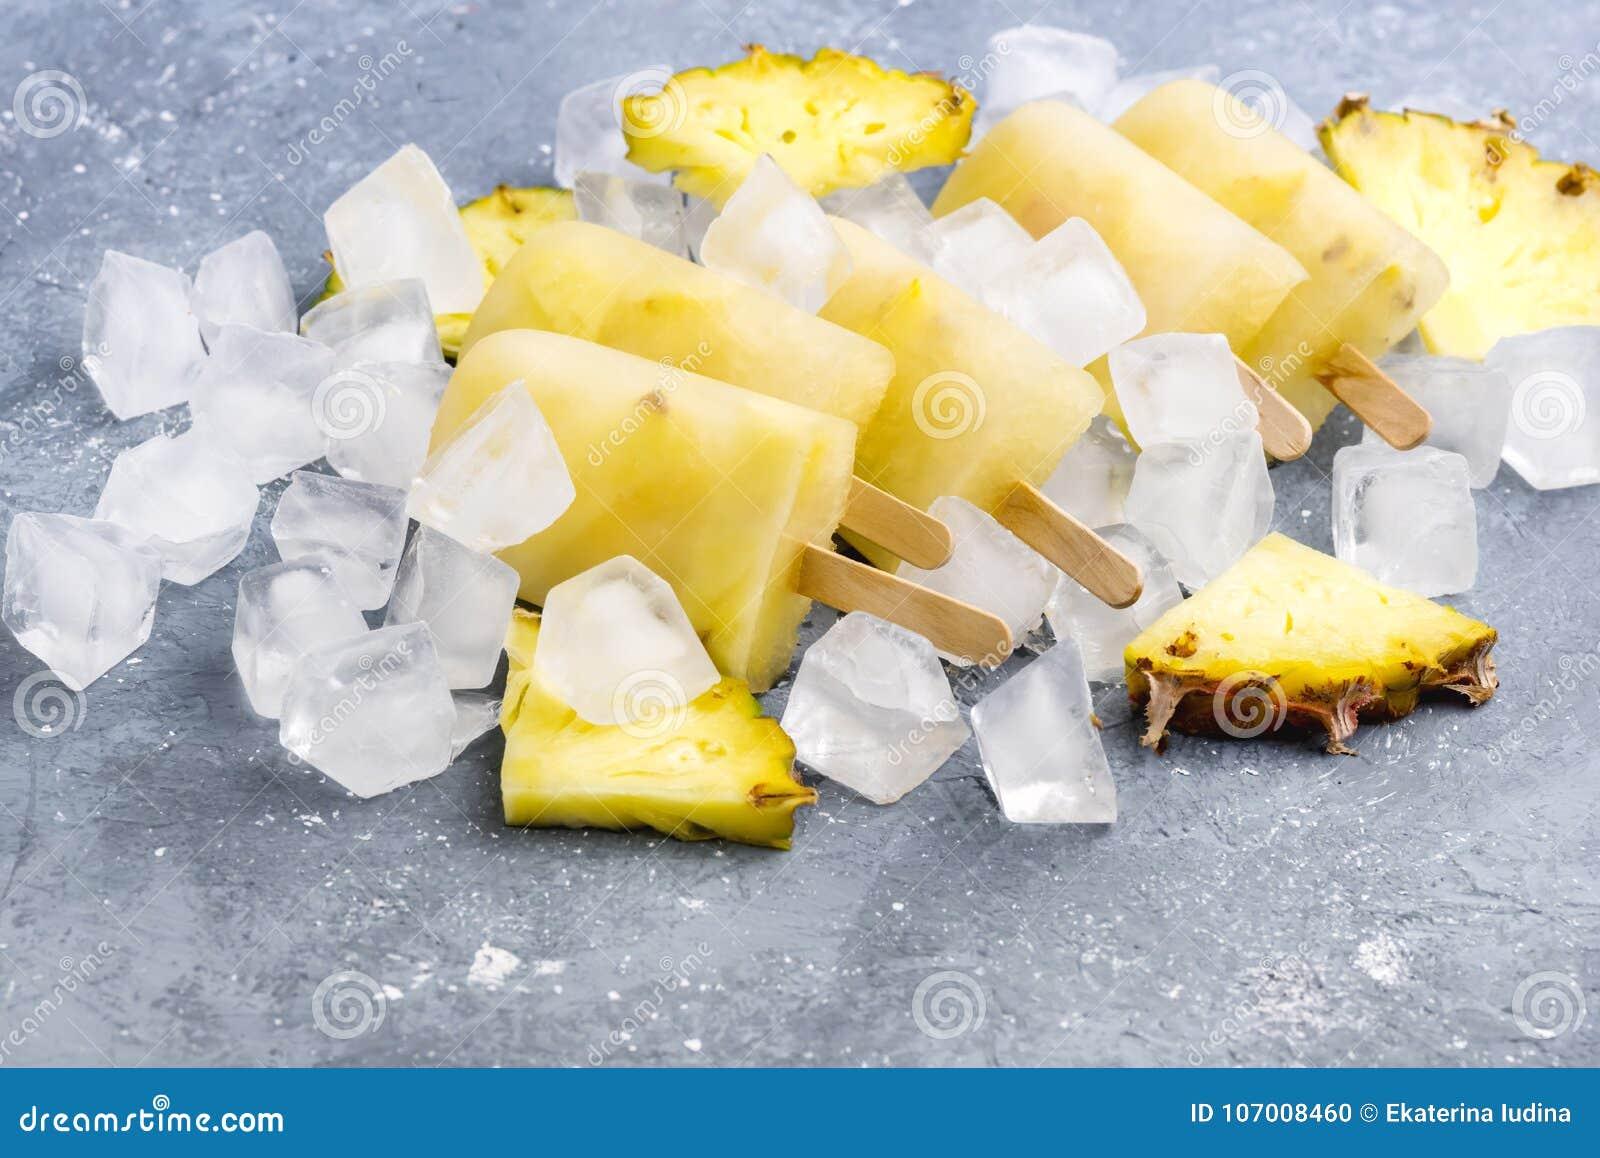 Picolés caseiros deliciosos do abacaxi em cubos de gelo Gray Background Summer Food Concept acima de horizontal